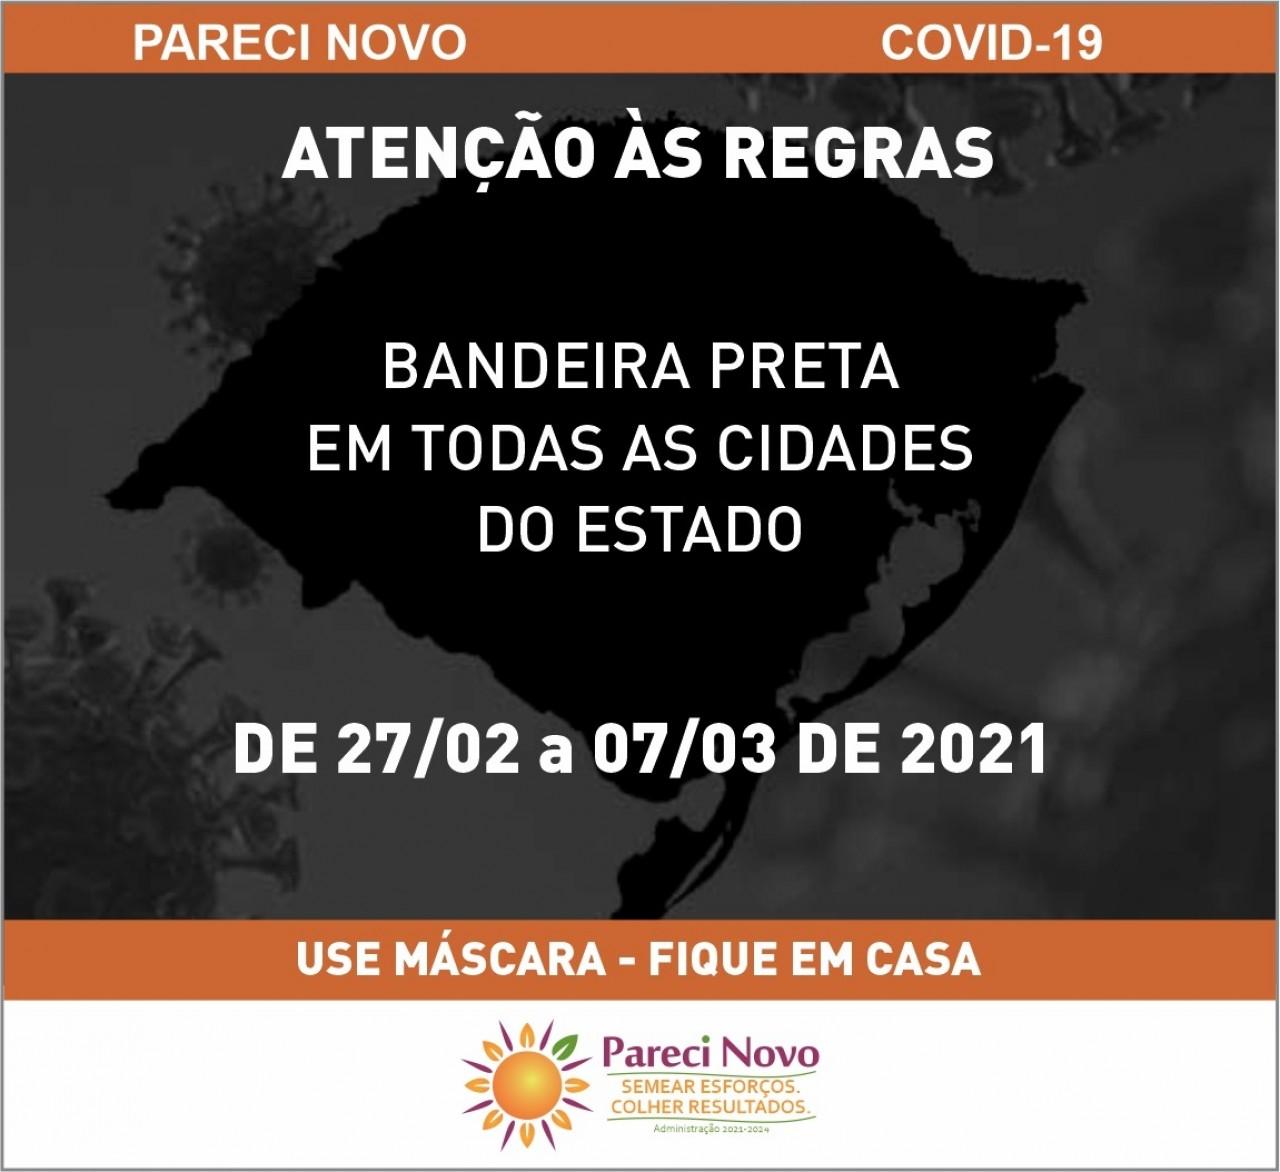 Governo do Estado suspende Modelo de Cogestão, sendo obrigatória a aplicação dos protocolos da BANDEIRA PRETA em todas as cidades do RS.